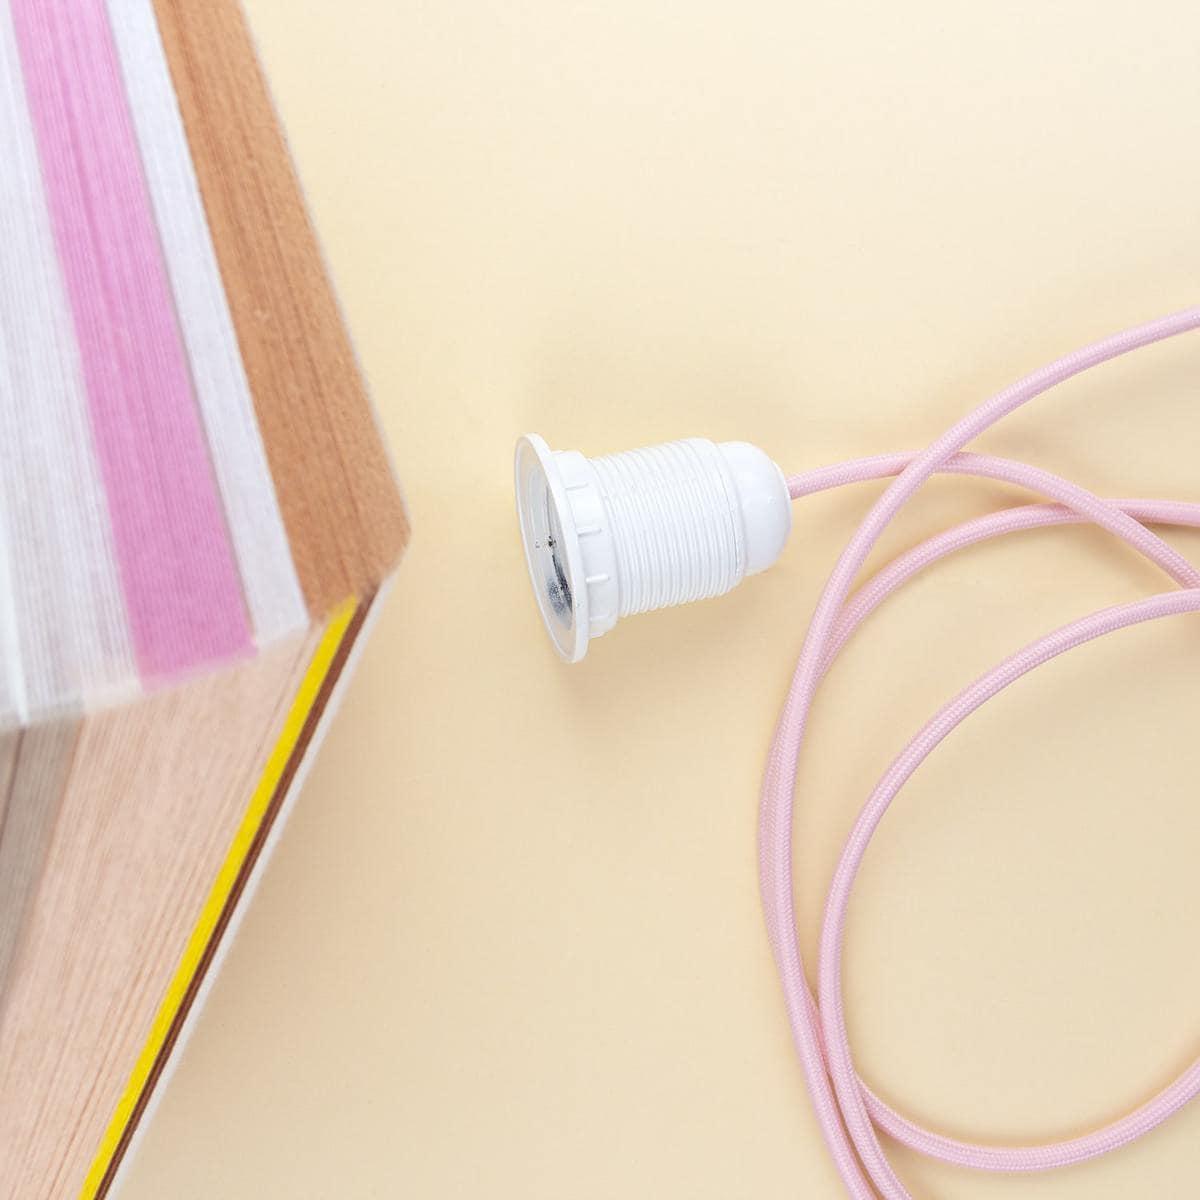 lampenkap maken met garen